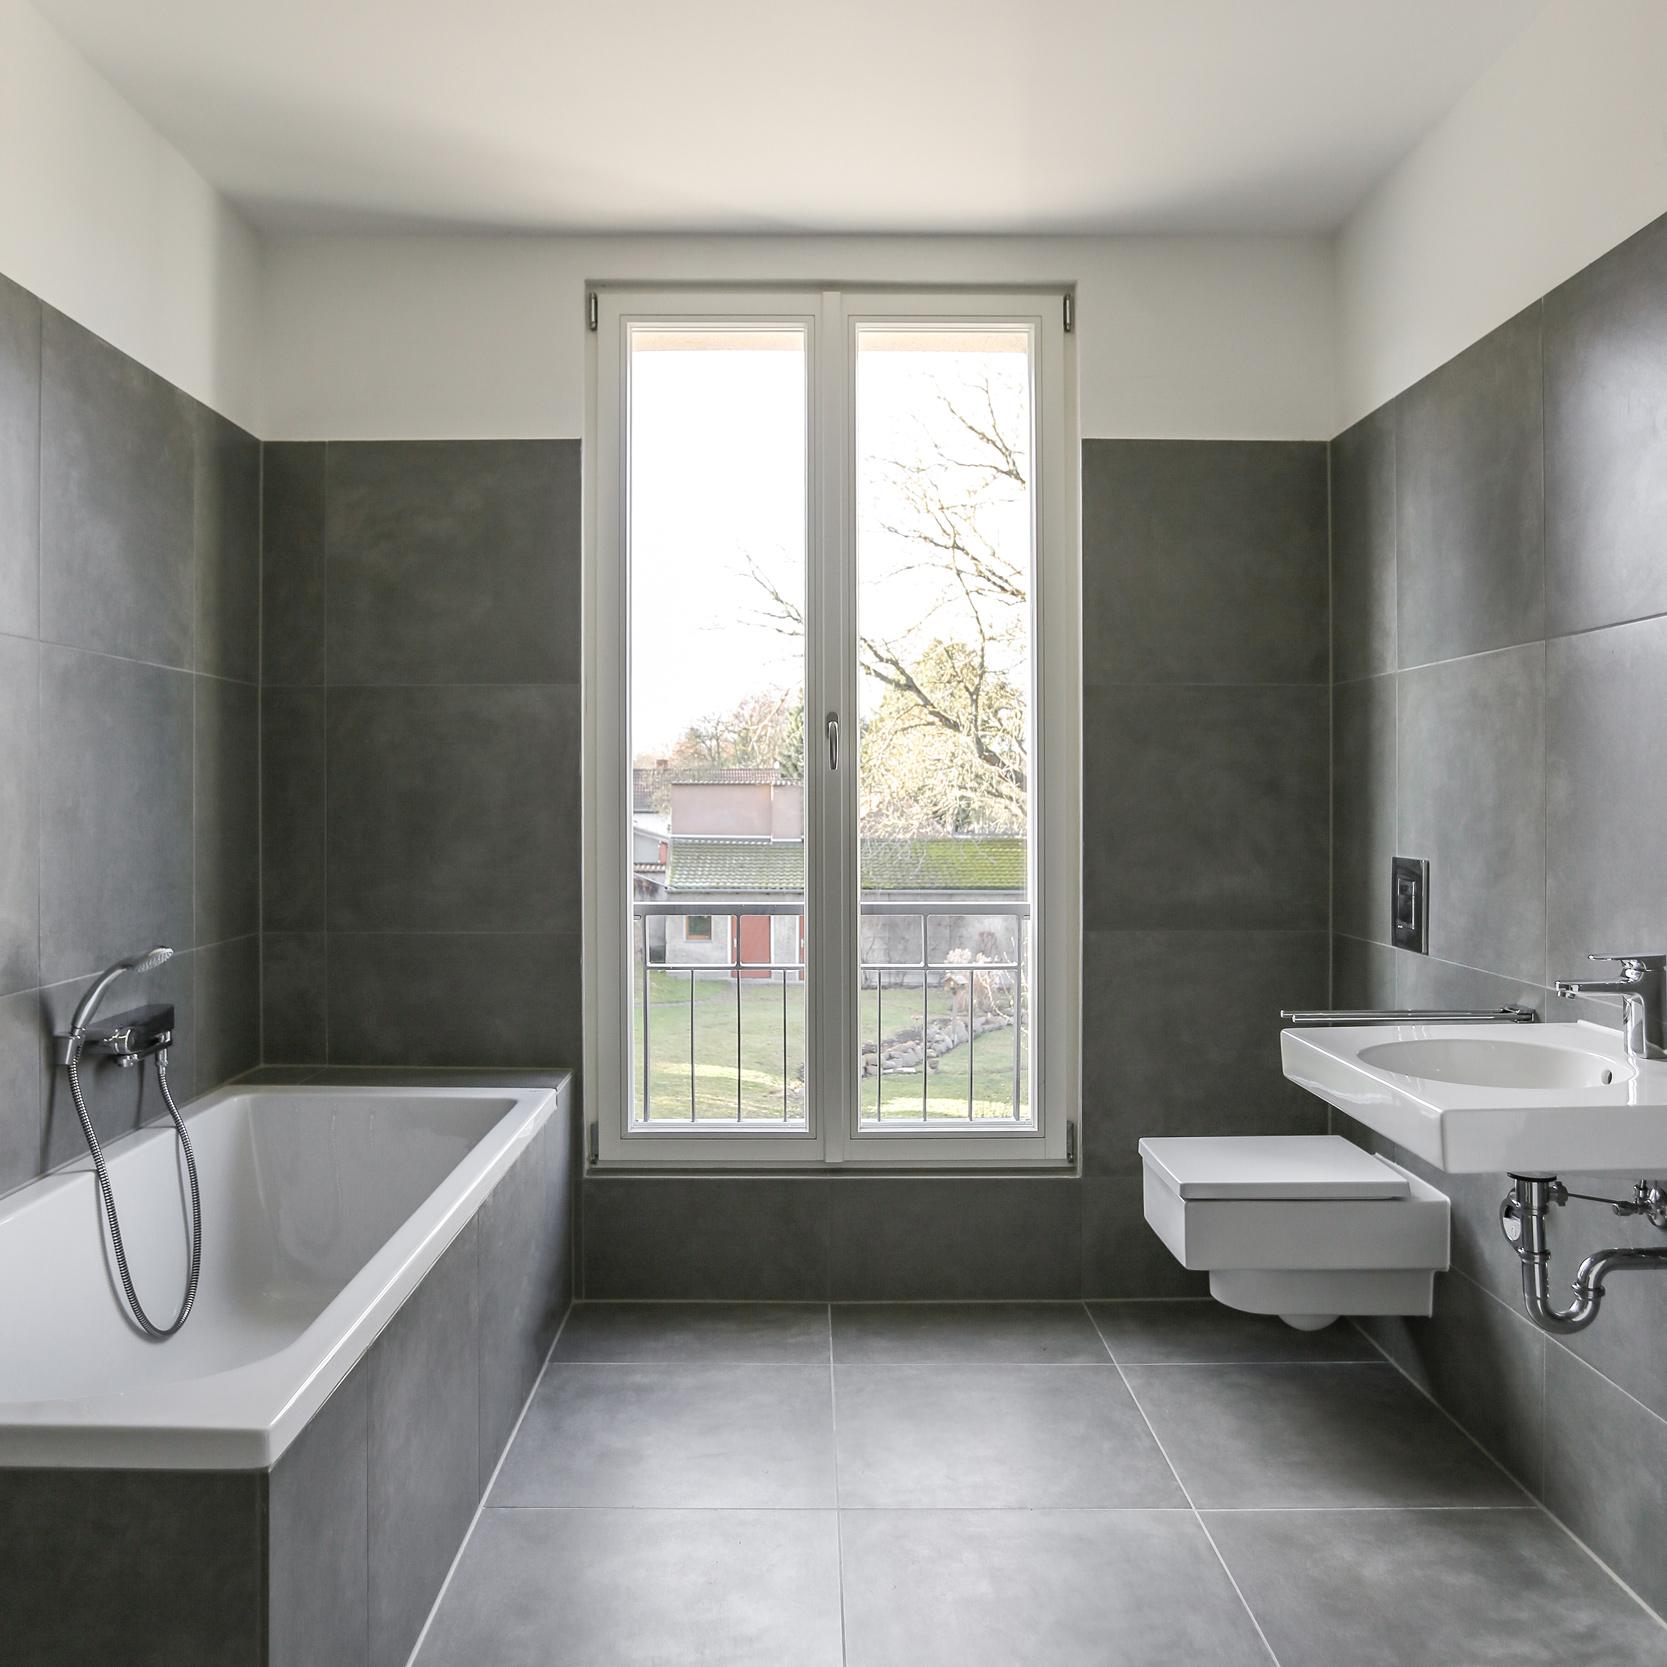 Neubau von Eigentumswohnungen im traditionellen Stil Berlin - Bäder im minimalistischen Design mit großformatigen Plattenbelägen.